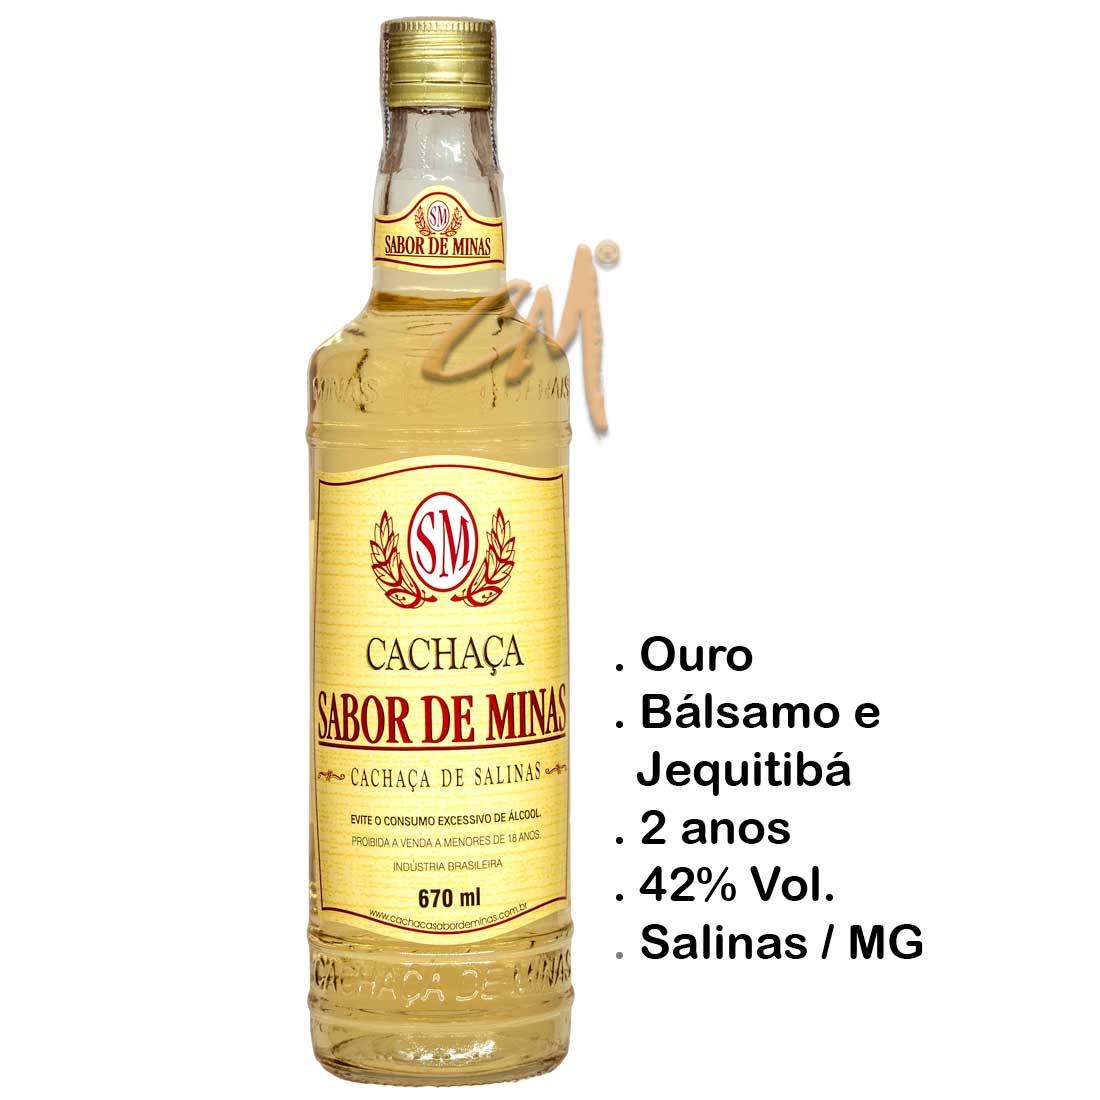 Cachaça Sabor de Minas Ouro 670 ml (Salinas- MG)